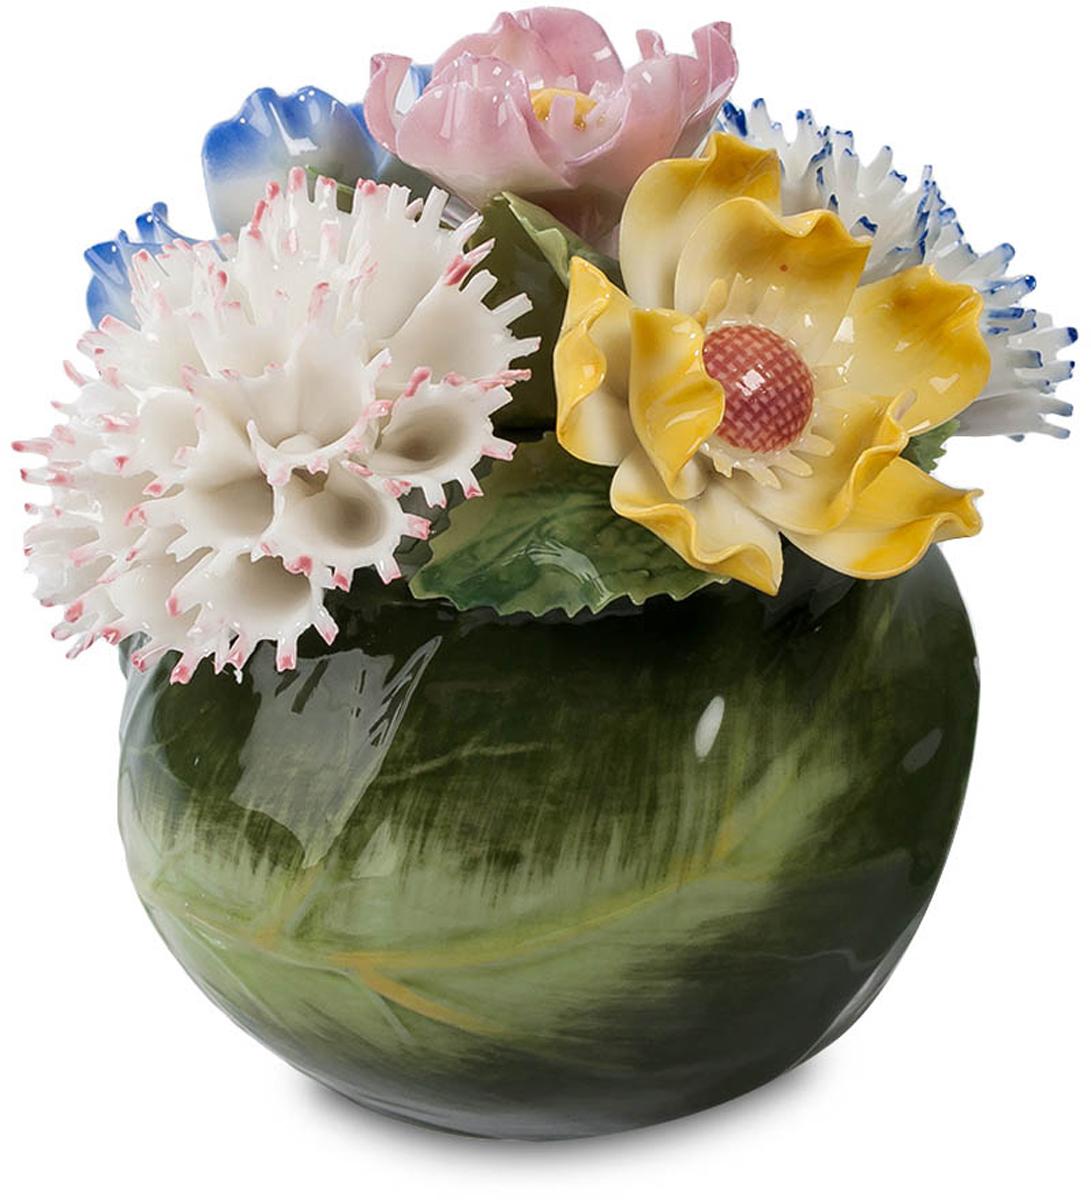 Композиция Pavone Гвоздики. CMS-33/31CMS-33/31Композиция Гвоздики (Pavone) Вазочка, в которой разместилась эта цветочная композиция, как будто свернута из зеленых листьев. И цветы в ней напоминают живые гвоздики, причем весьма причудливых сортов – белые с розовыми краями, бело-голубые, белые с сиреневым. Эта композиция хороша тем, что цветы, в нее входящие, не завянут через неделю, а останутся такими же яркими и свежими на вид. Тоненькие лепестки выполнены из фарфора – даже не верится, что это не живые цветы. Поставить такую подборку гвоздик в комнате – значит на весь год впустить атмосферу весны. И зимой весеннее настроение лишним не будет!